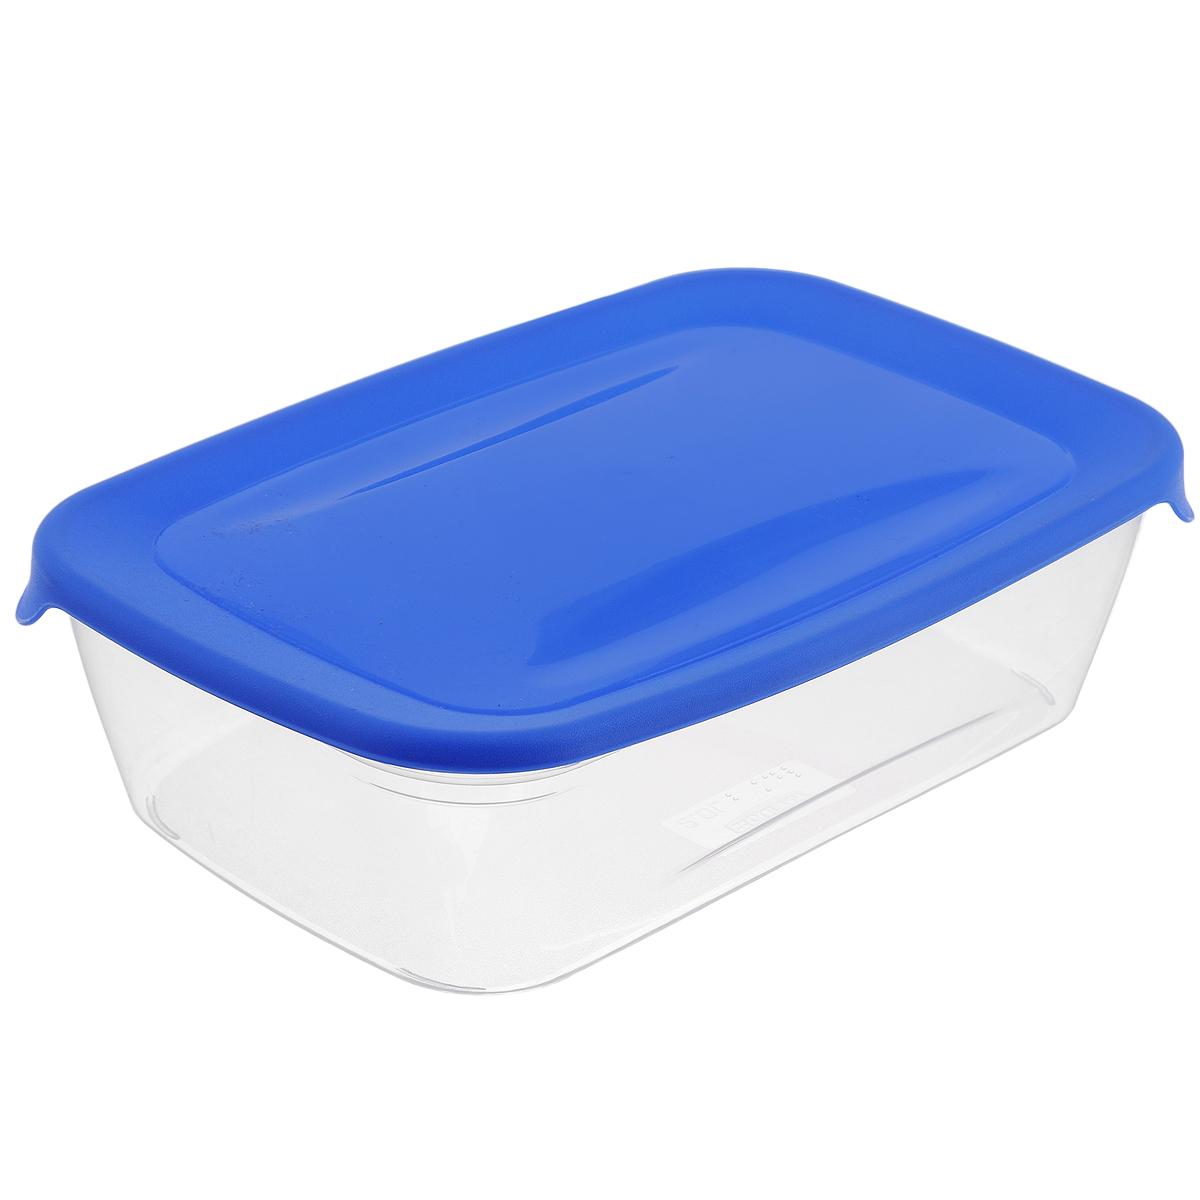 Емкость для заморозки и СВЧ Curver Fresh & Go, цвет: синий, 1 л00554-139-01Прямоугольная емкость для заморозки и СВЧ Curver Fresh & Go изготовлена из высококачественного пищевого пластика (BPA free), который выдерживает температуру от -40°С до +100°С. Стенки емкости прозрачные, а крышка цветная. Она плотно закрывается, дольше сохраняя продукты свежими и вкусными. Емкость удобно брать с собой на работу, учебу, пикник или просто использовать для хранения пищи в холодильнике. Можно использовать в микроволновой печи и для заморозки в морозильной камере. Можно мыть в посудомоечной машине.